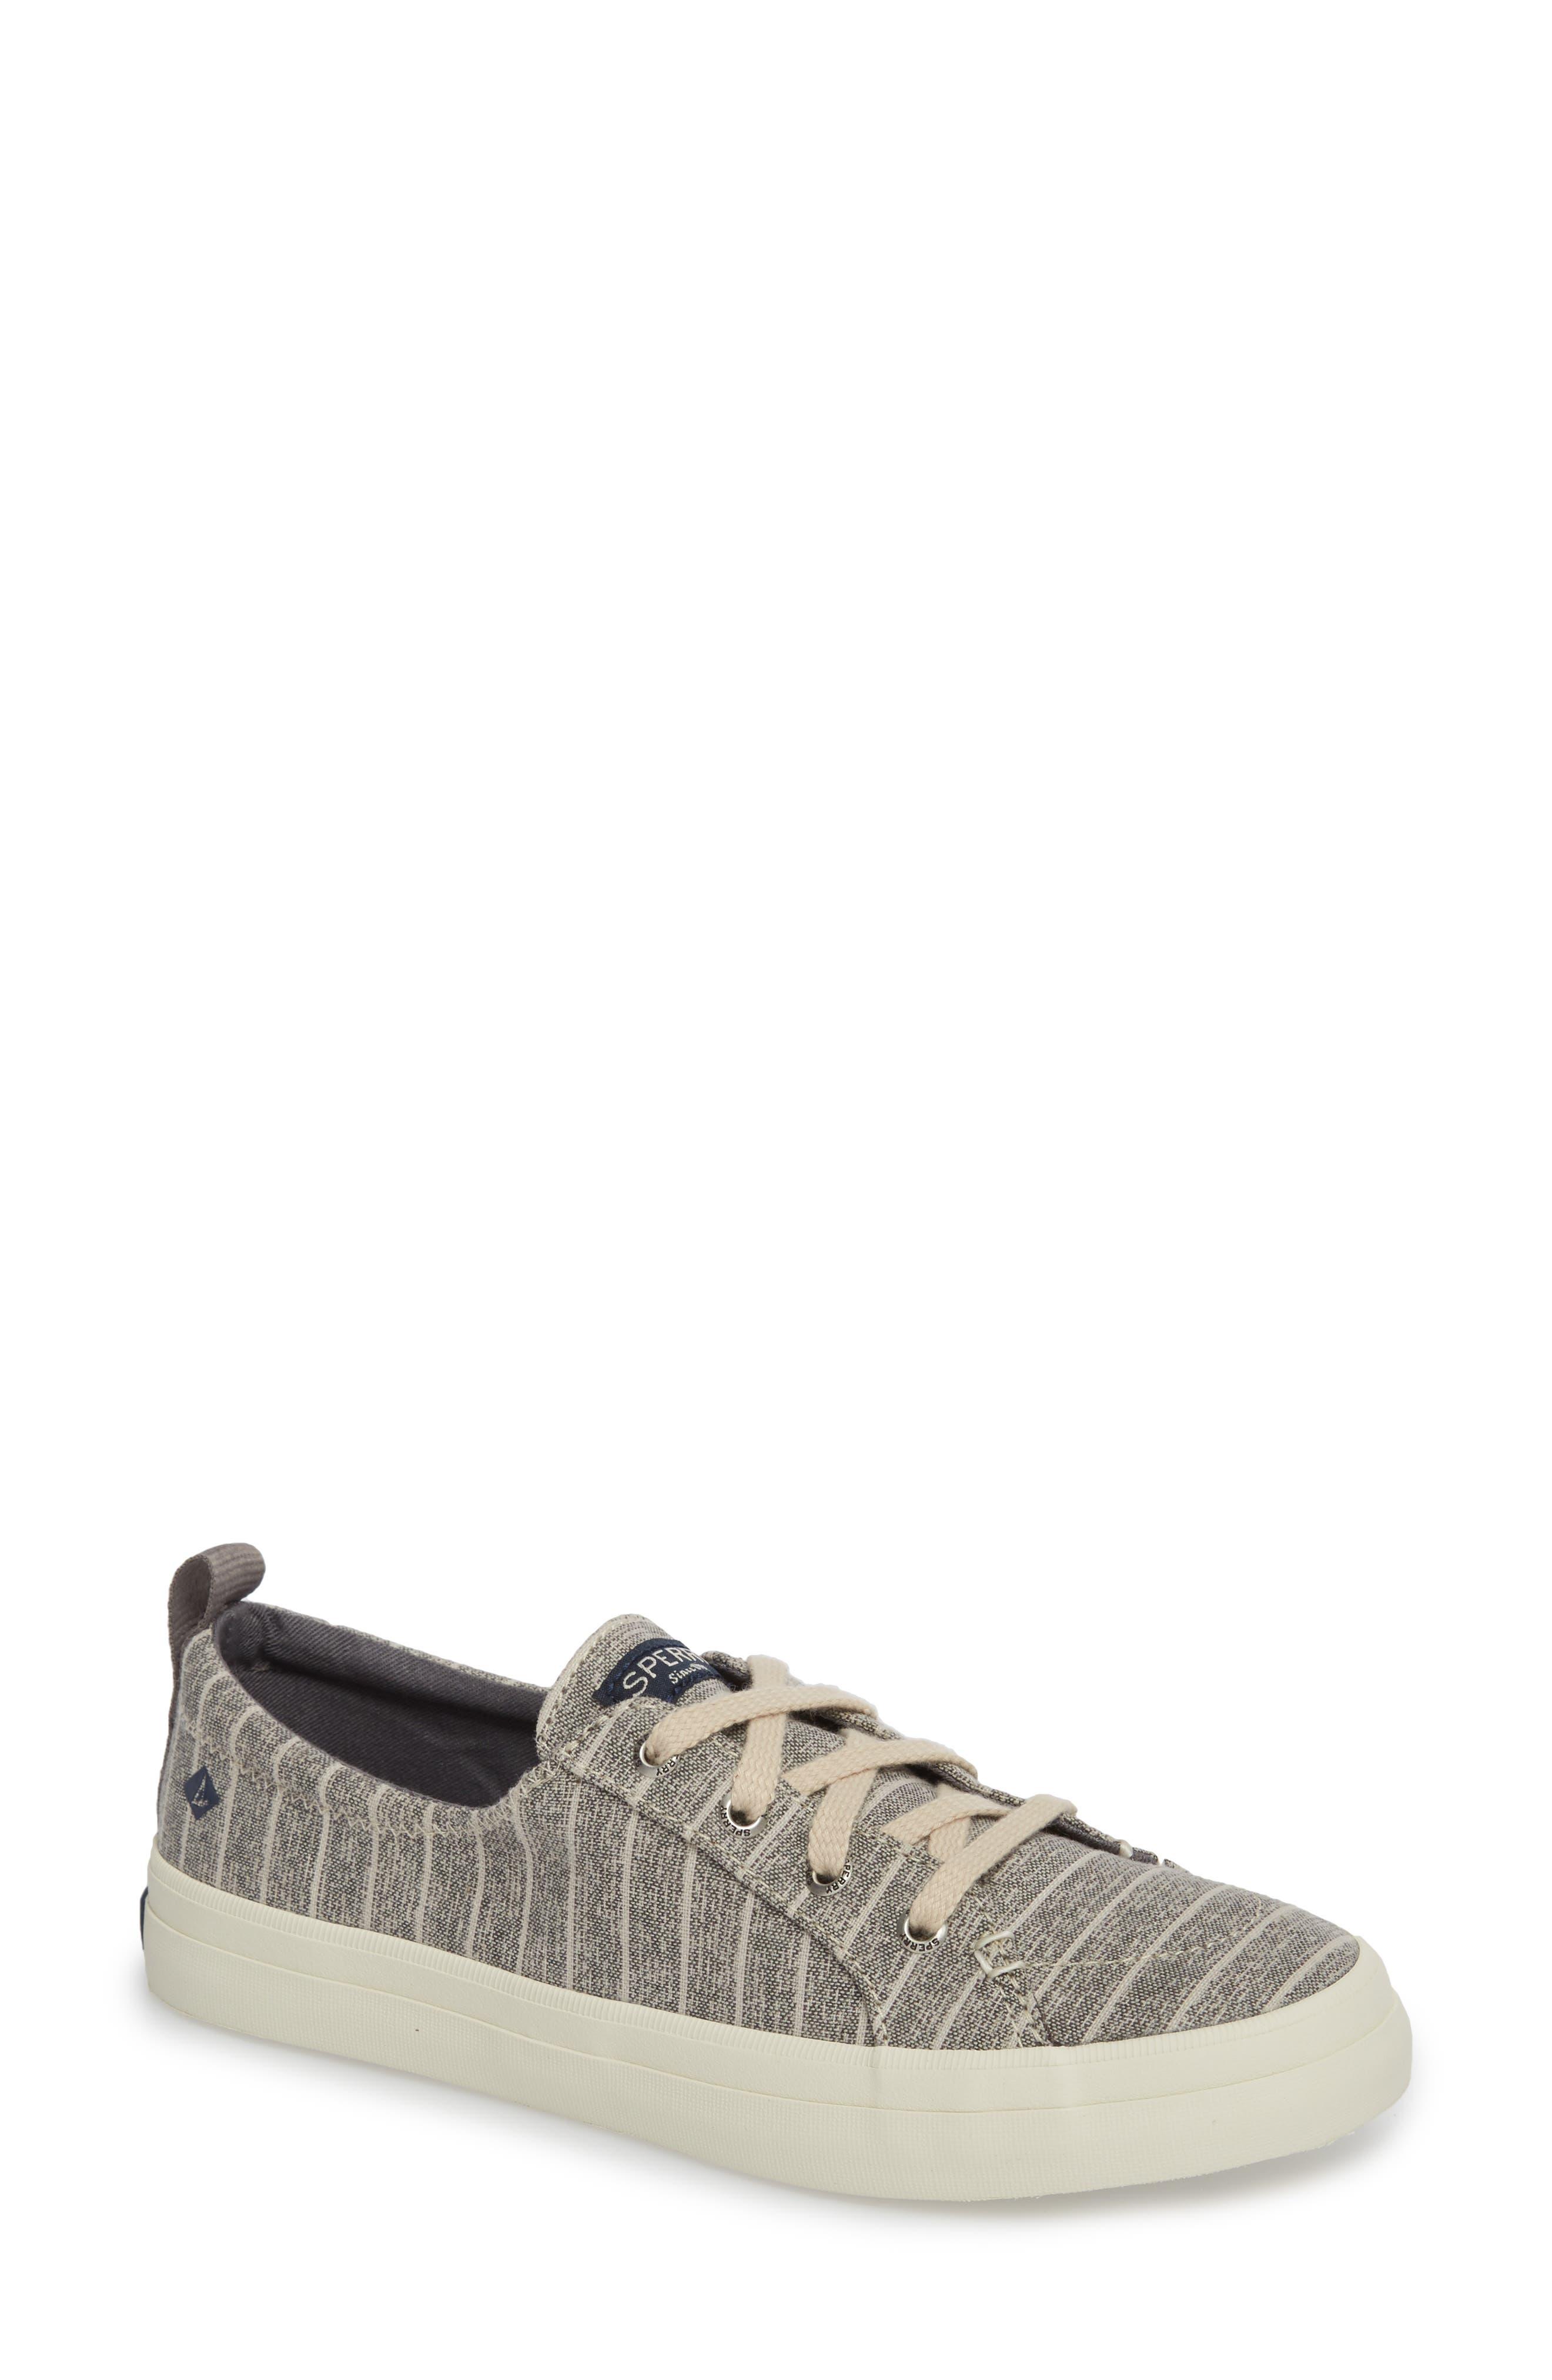 Sperry Crest Vibe Painterly Stripe Sneaker (Women)